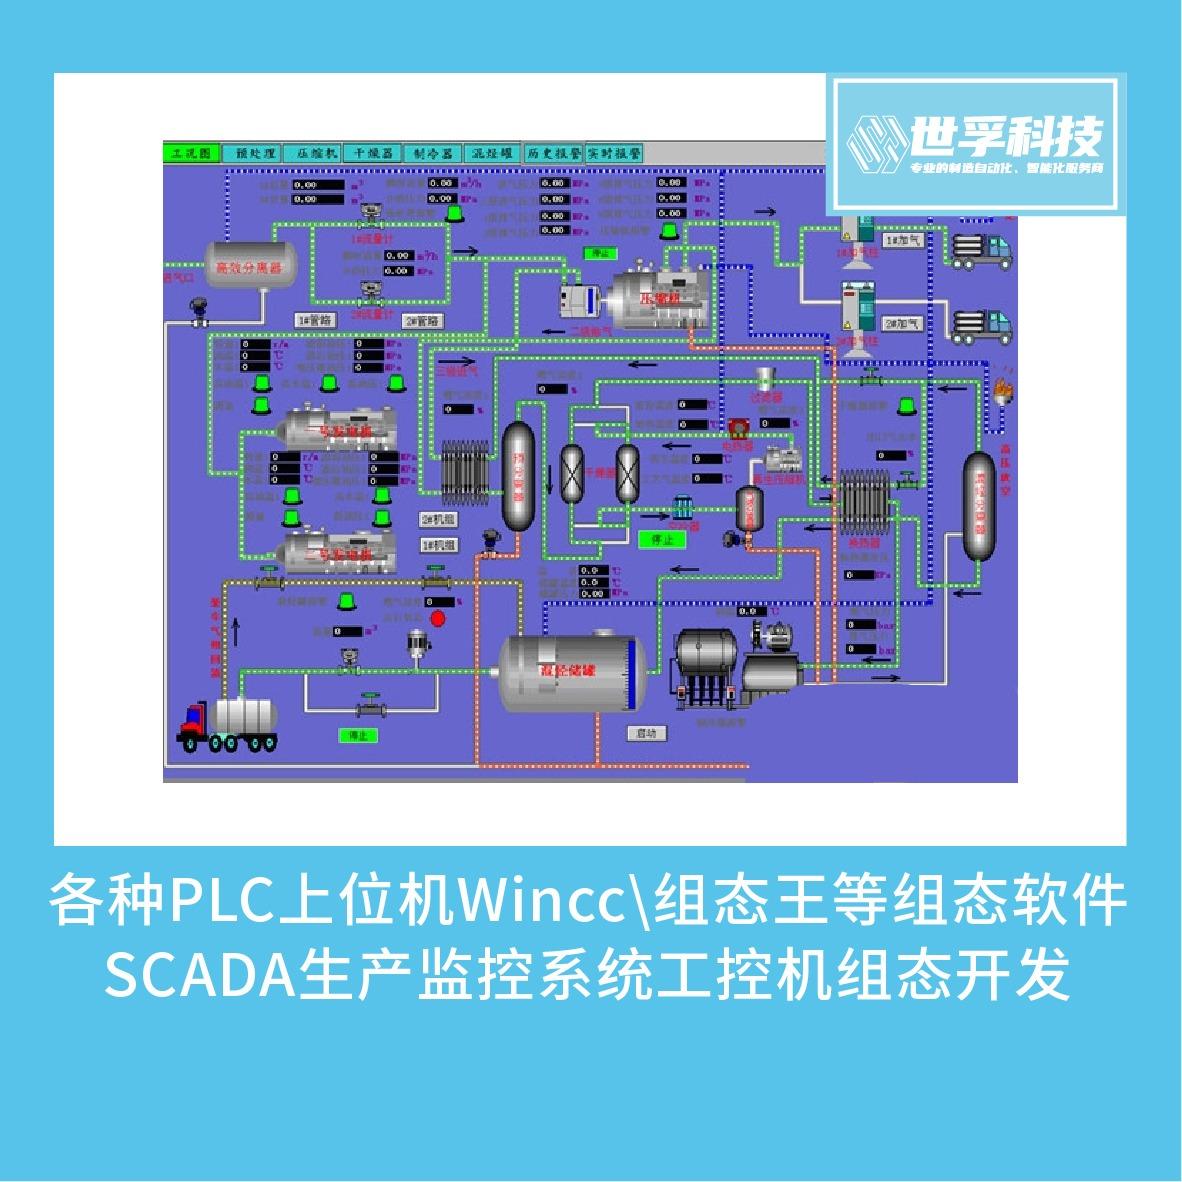 各种PLC Wincc 组态王SCADA 工控机组态 软件 开发